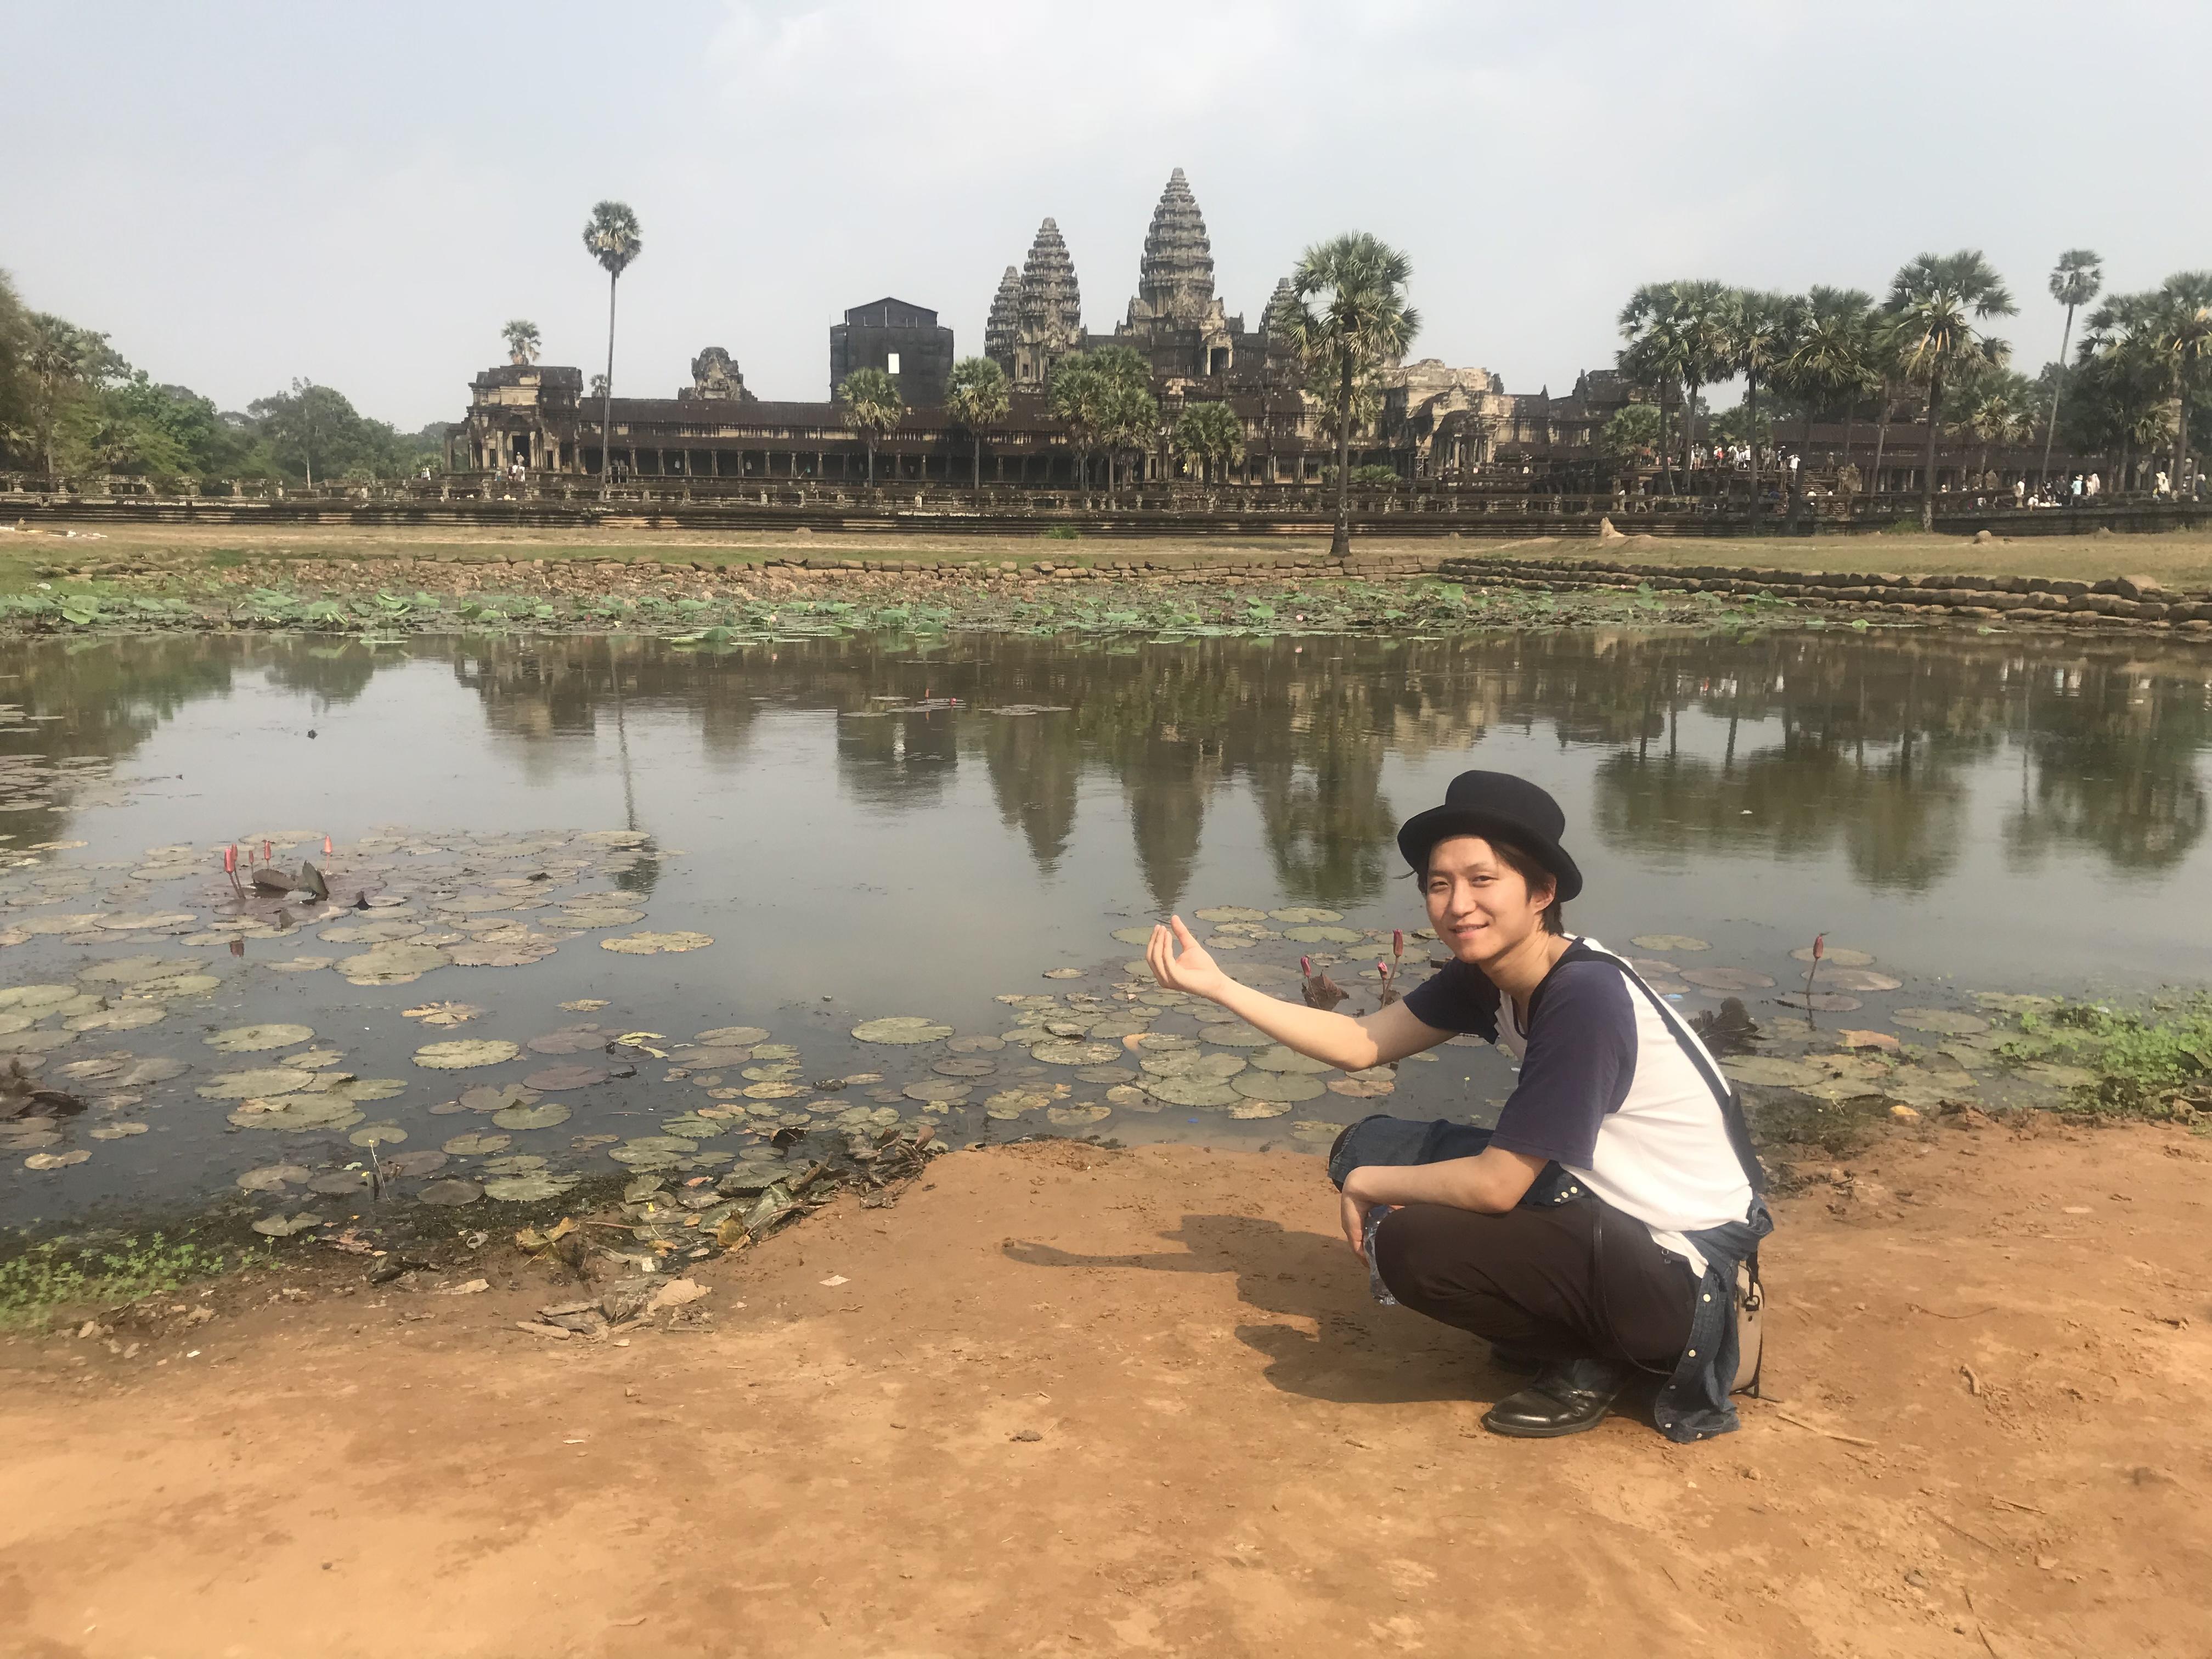 音楽家全員虐殺したカンボジアで演奏する意味